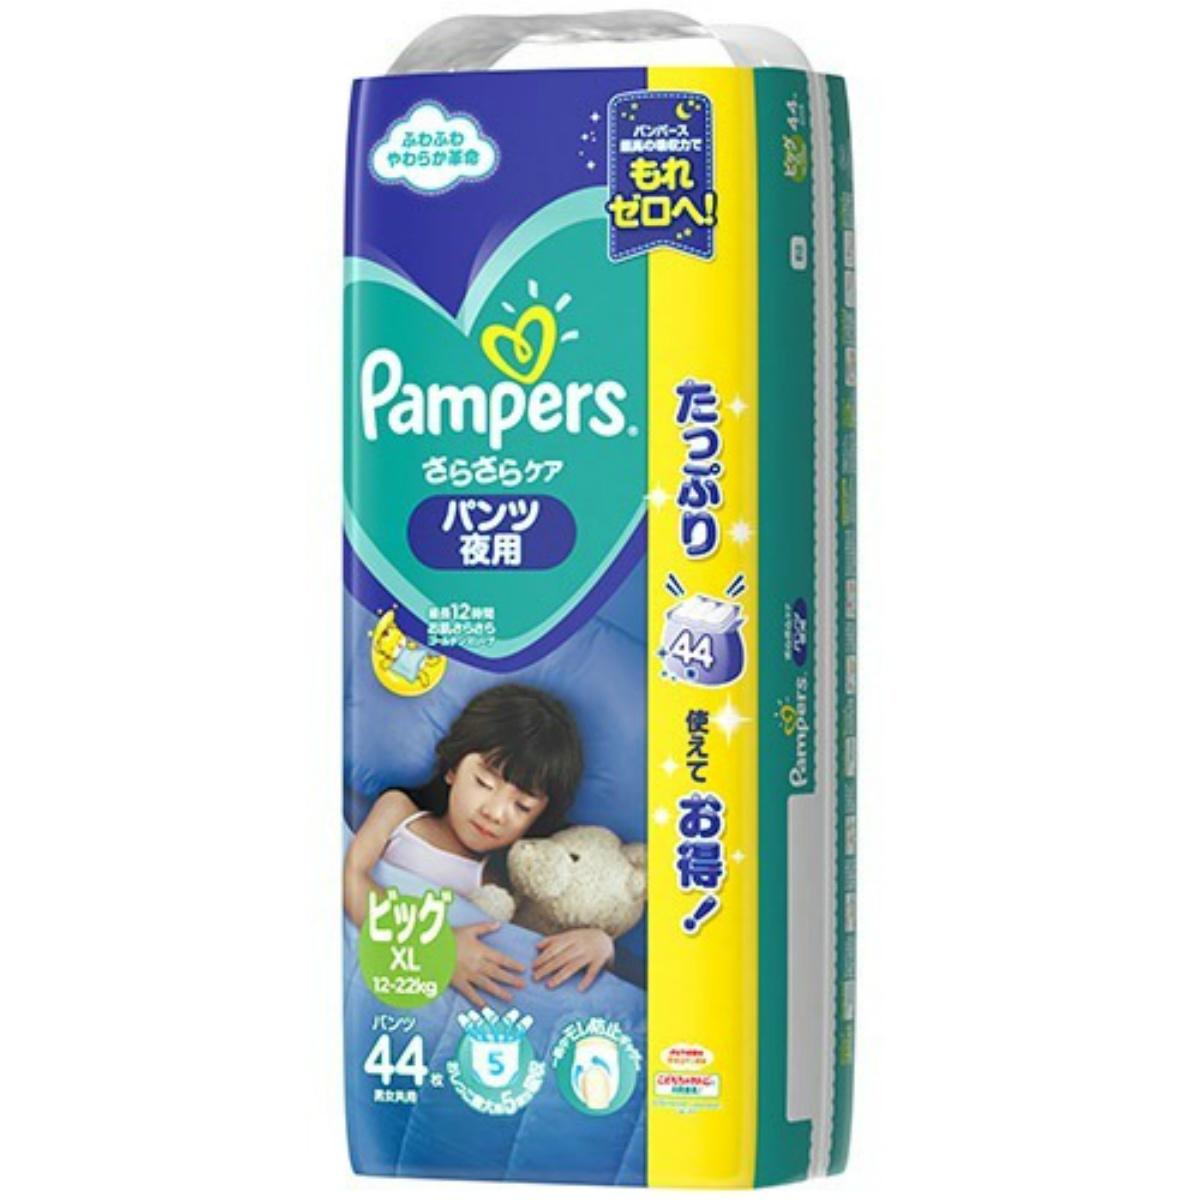 パンパース史上最高の製品革新を実現 4902430757478 PG まとめ買い特価 パンパース さらさらパンツ 44枚入 年末年始大決算 ビッグXL 12~22kg 夜用